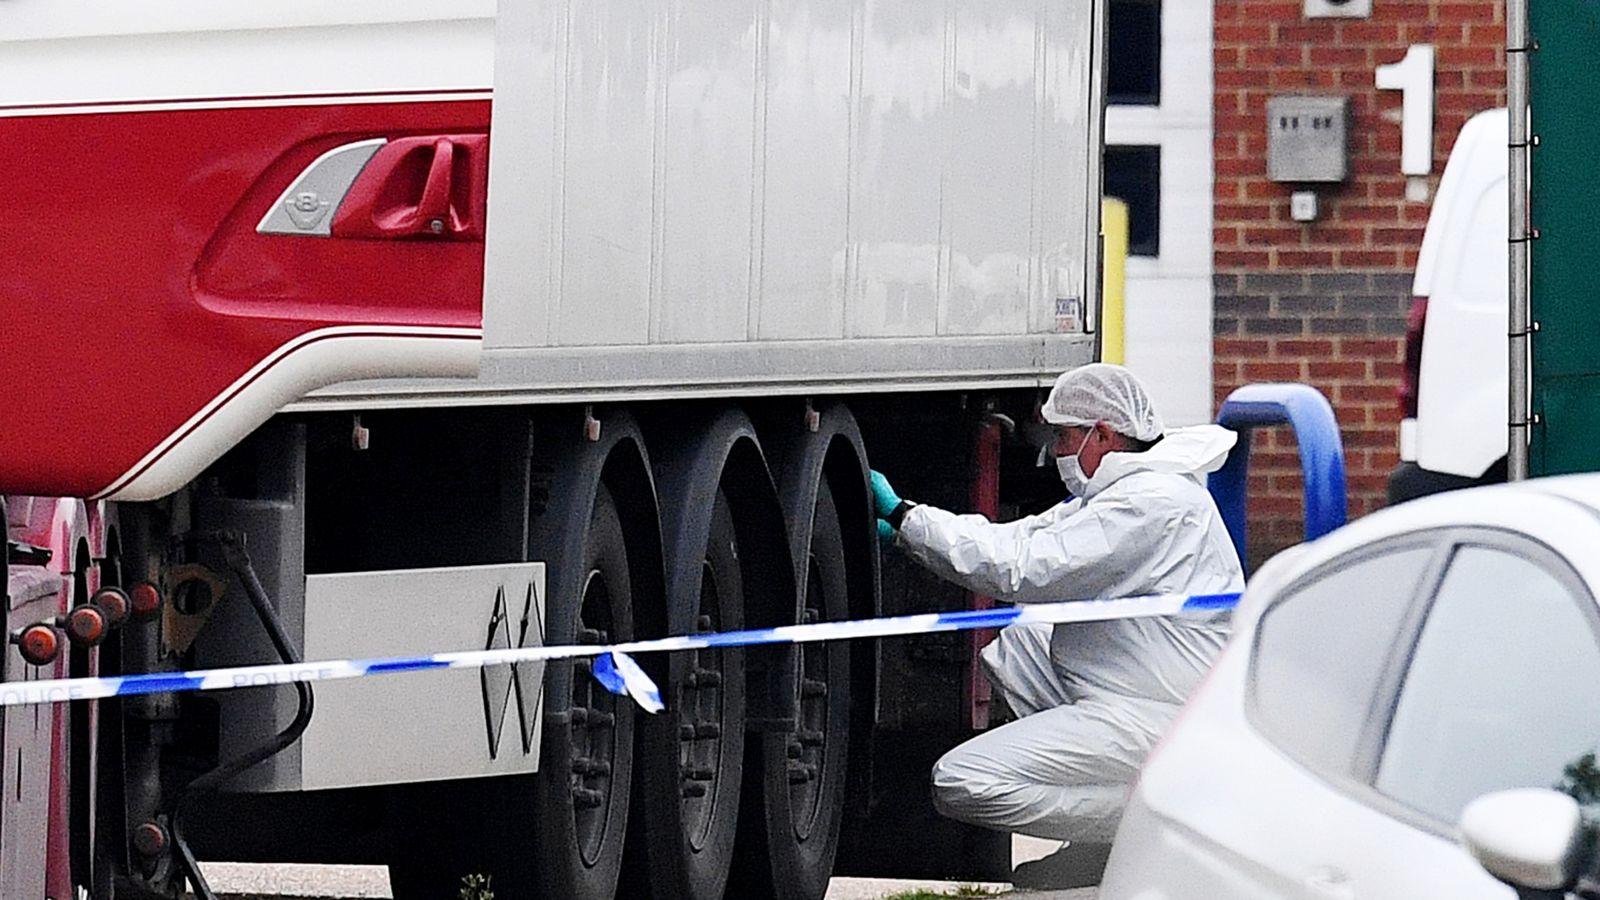 Ba mươi chín người trong xe kéo của xe tải được tìm thấy đã chết trong một khu công nghiệp ở Grays